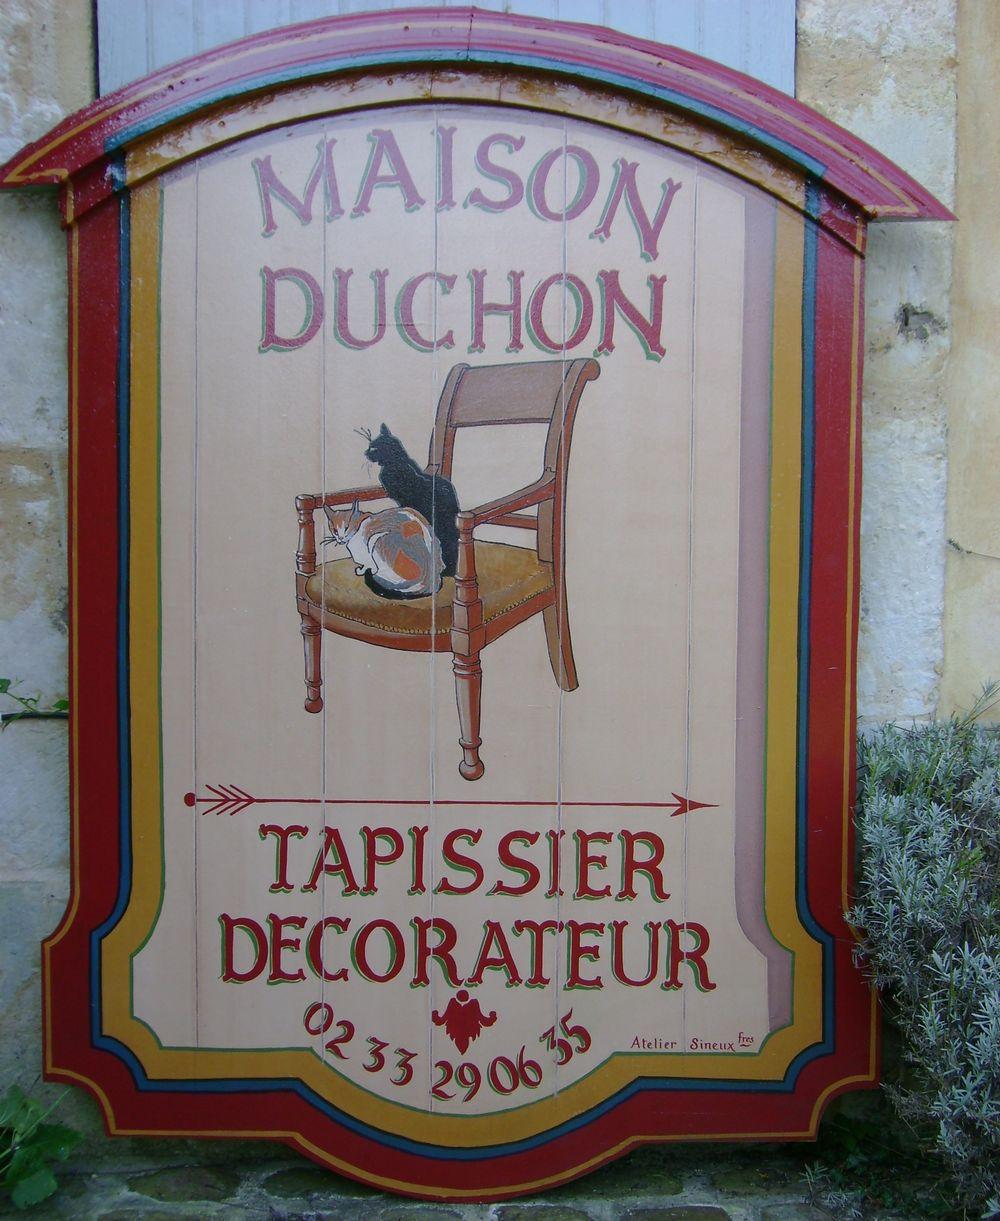 Magasins et enseignes atelier sineux fr res - Tapissier decorateur paris ...